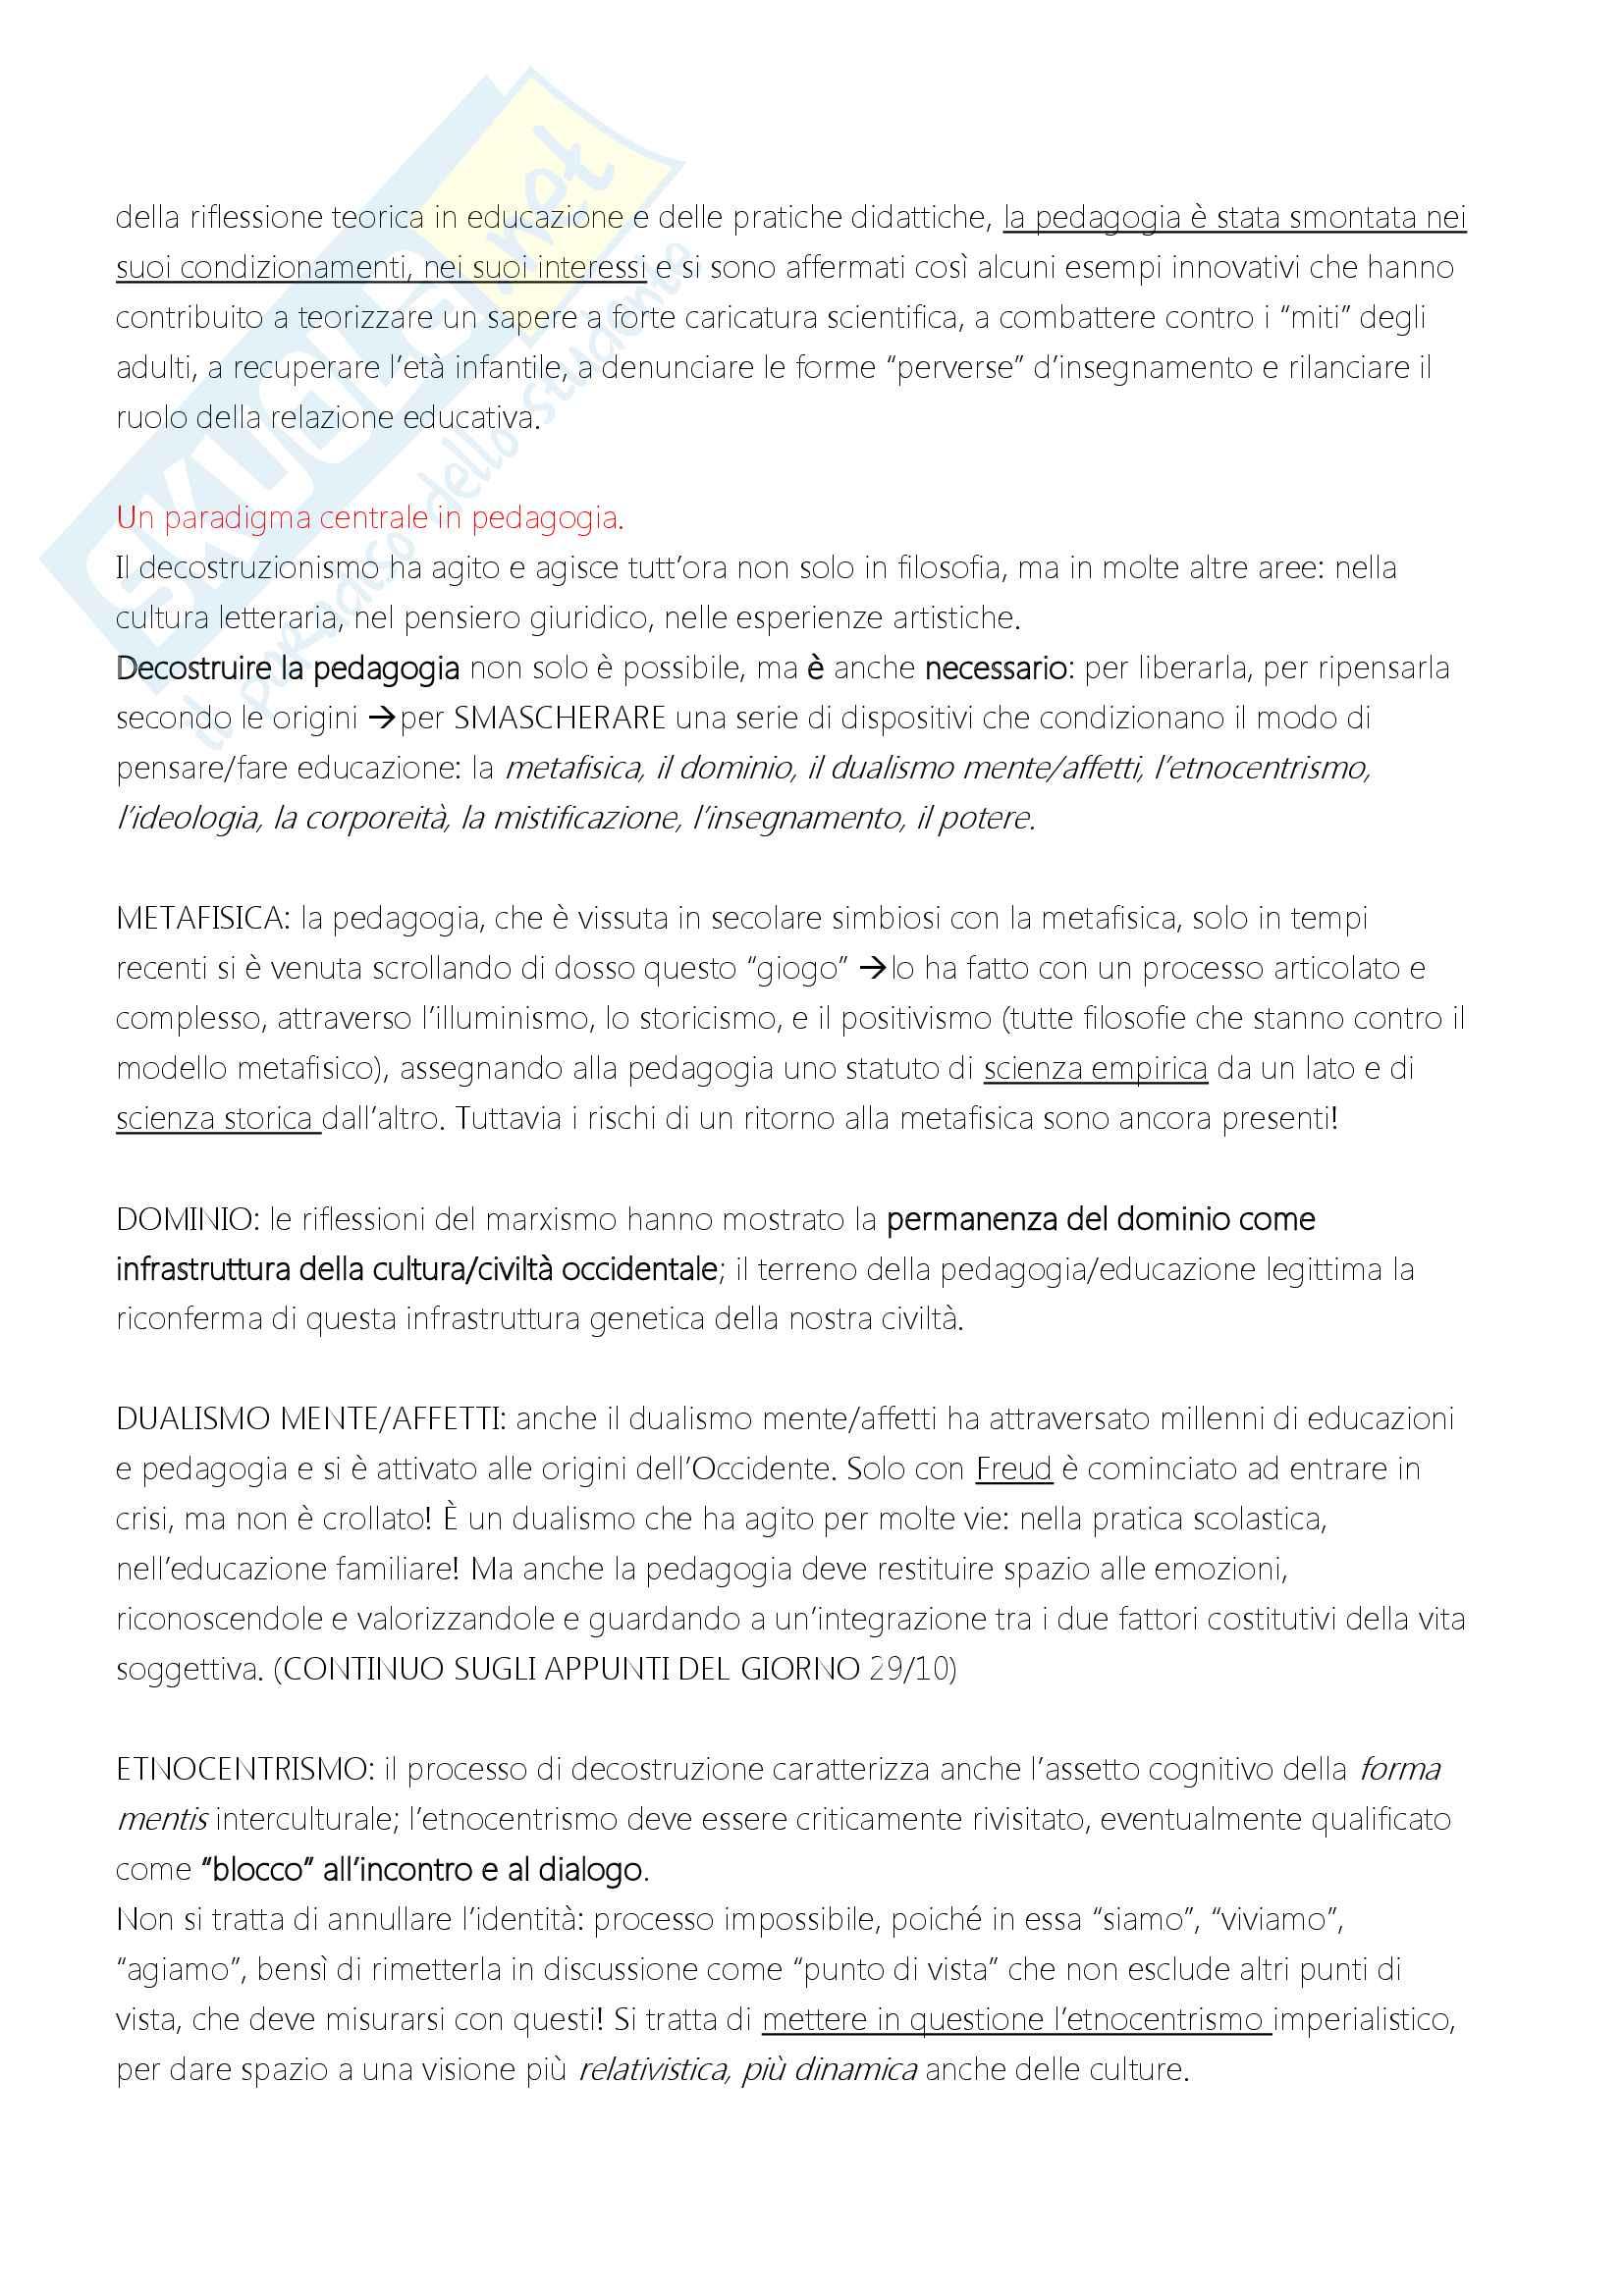 """Riassunto esame """"Filosofia dell'educazione"""", docente Alessandro Mariani, libro consigliato """"Elementi di filosofia dell'educazione"""", di Alessandro Mariani Pag. 26"""